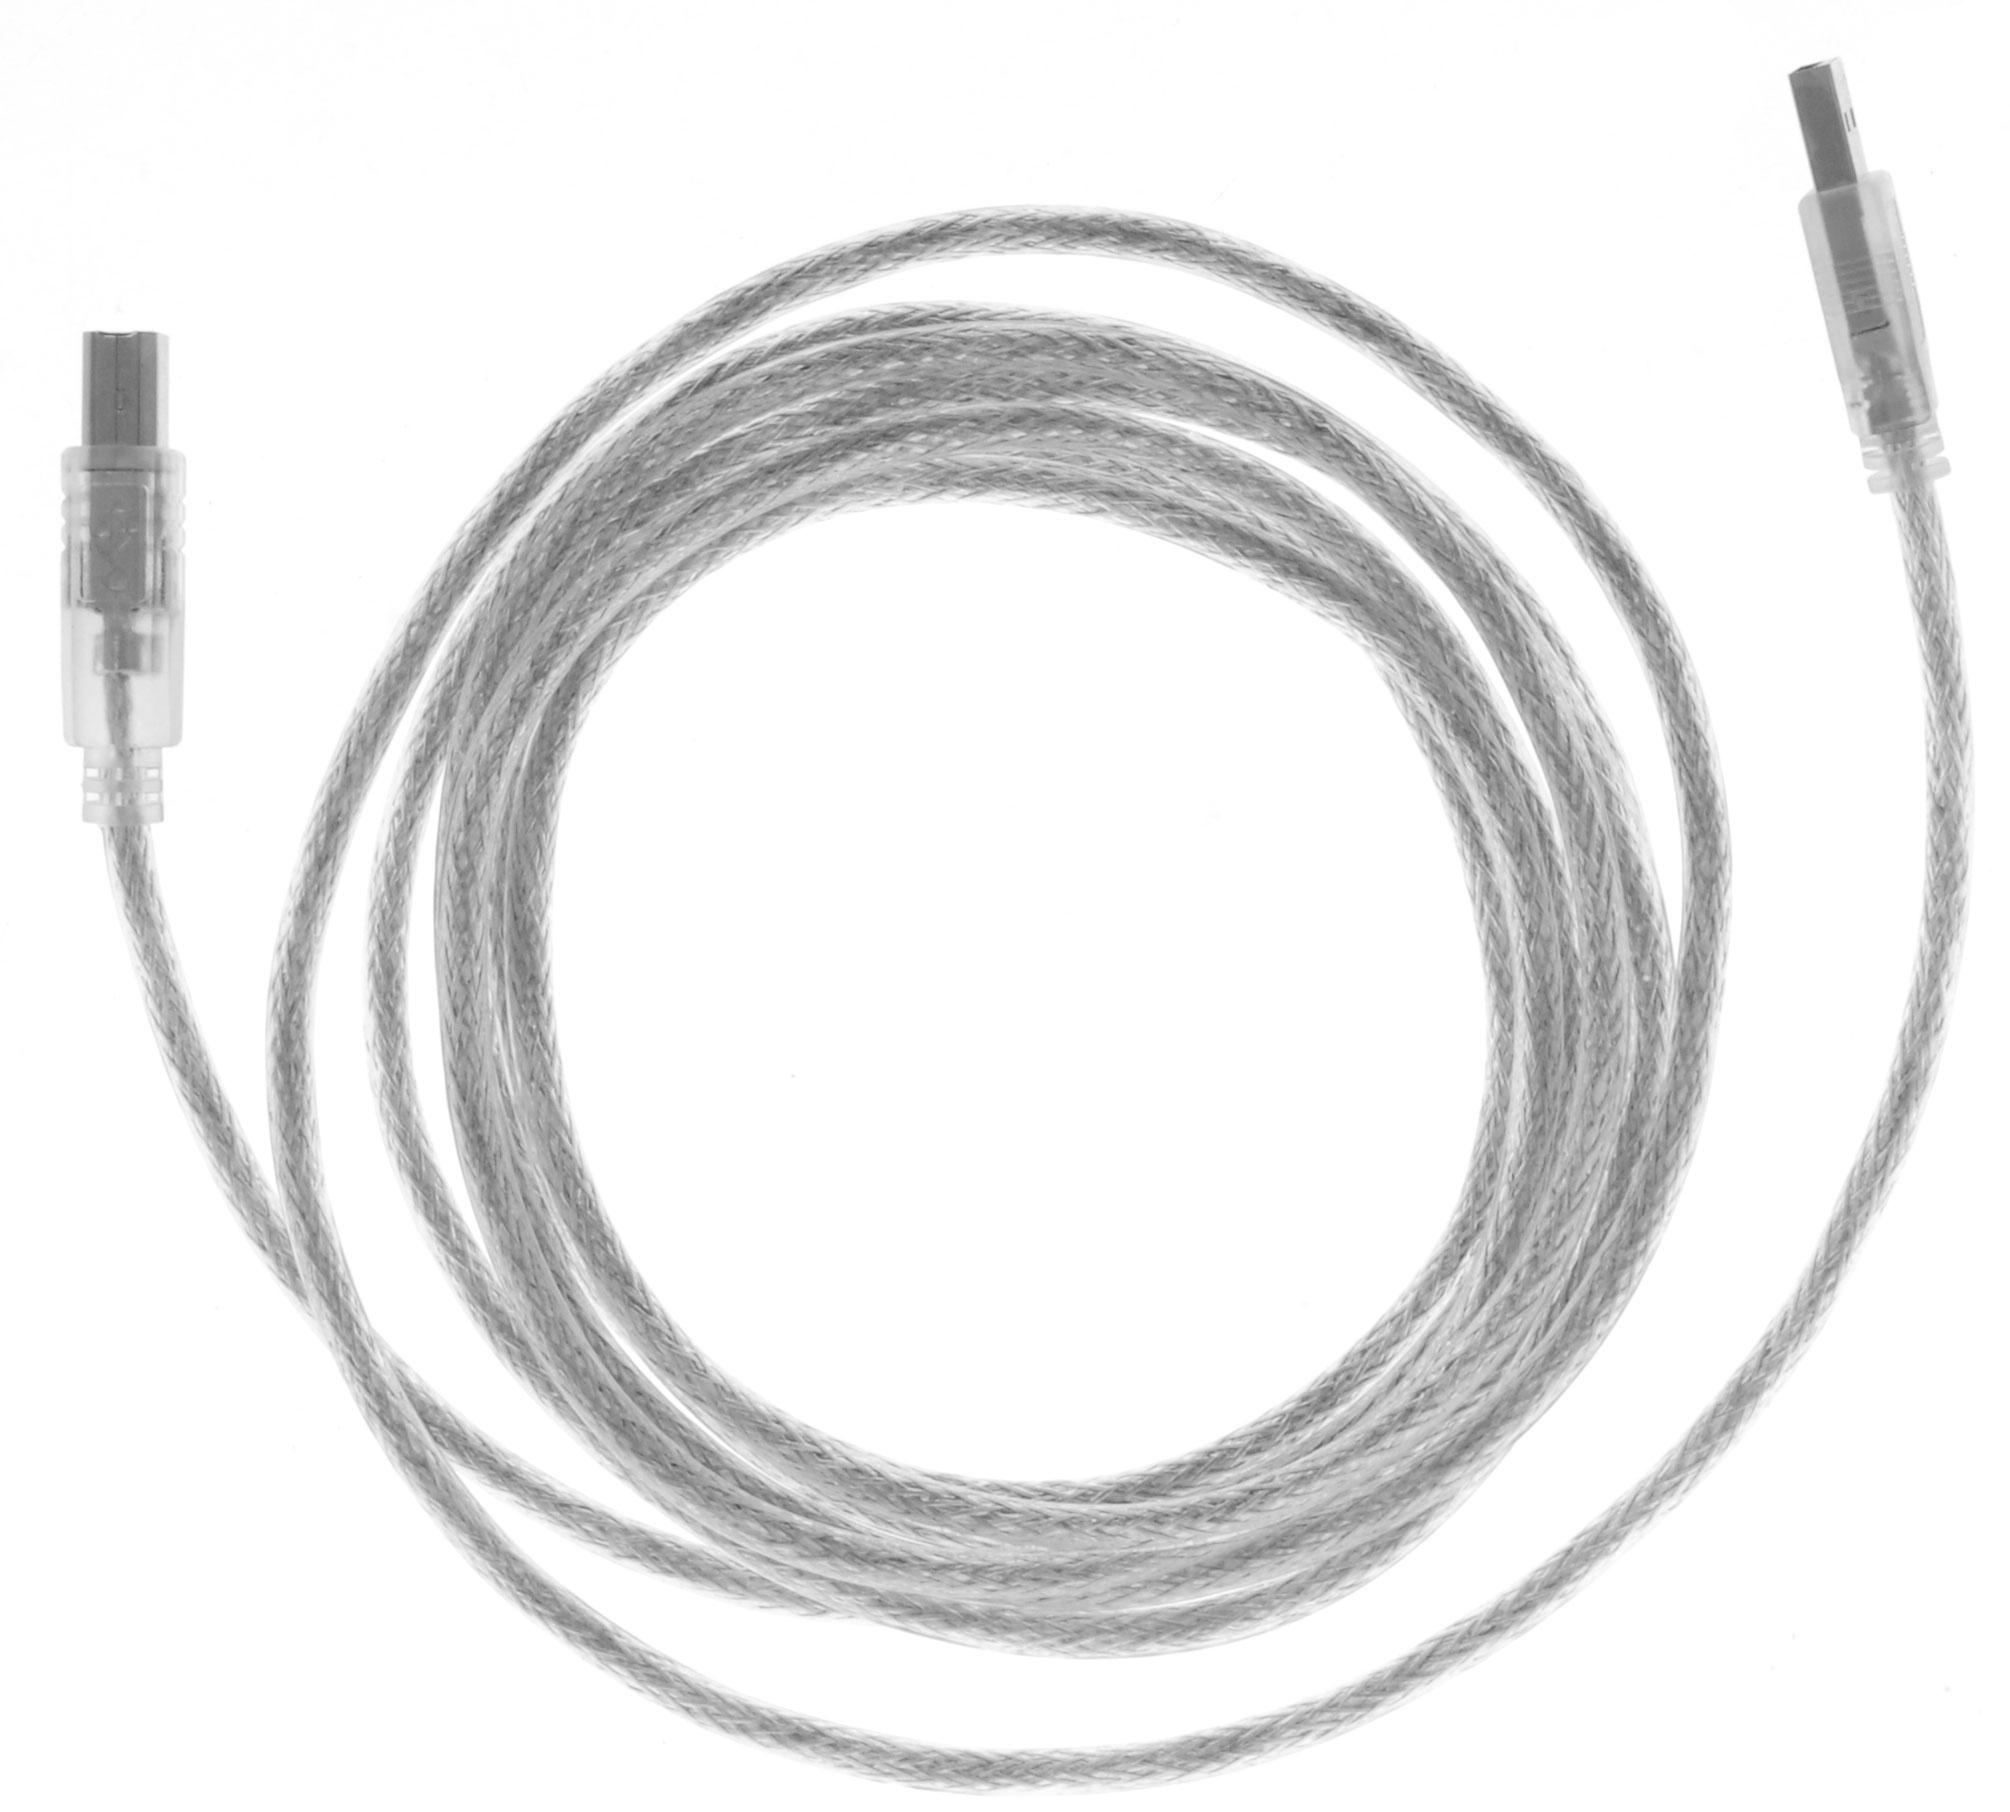 Greenconnect Premium GCR-UPC2M-BD2S, Clear кабель USB 3.0 мGCR-UPC2M-BD2S-3.0mКабель Greenconnect Premium GCR-UPC2M-BD2S используется для подключения к компьютеру различных устройств с разъемом USB тип B, например, принтер, камеры, сканер, МФУ. Надежно работает со всеми моделями HP. Экранирование кабеля позволит защитить сигнал при передаче от влияния внешних полей, способных создать помехи.Пропускная способность интерфейса: USB 2.0 до 480 Мбит/сТип оболочки: PVC (ПВХ)